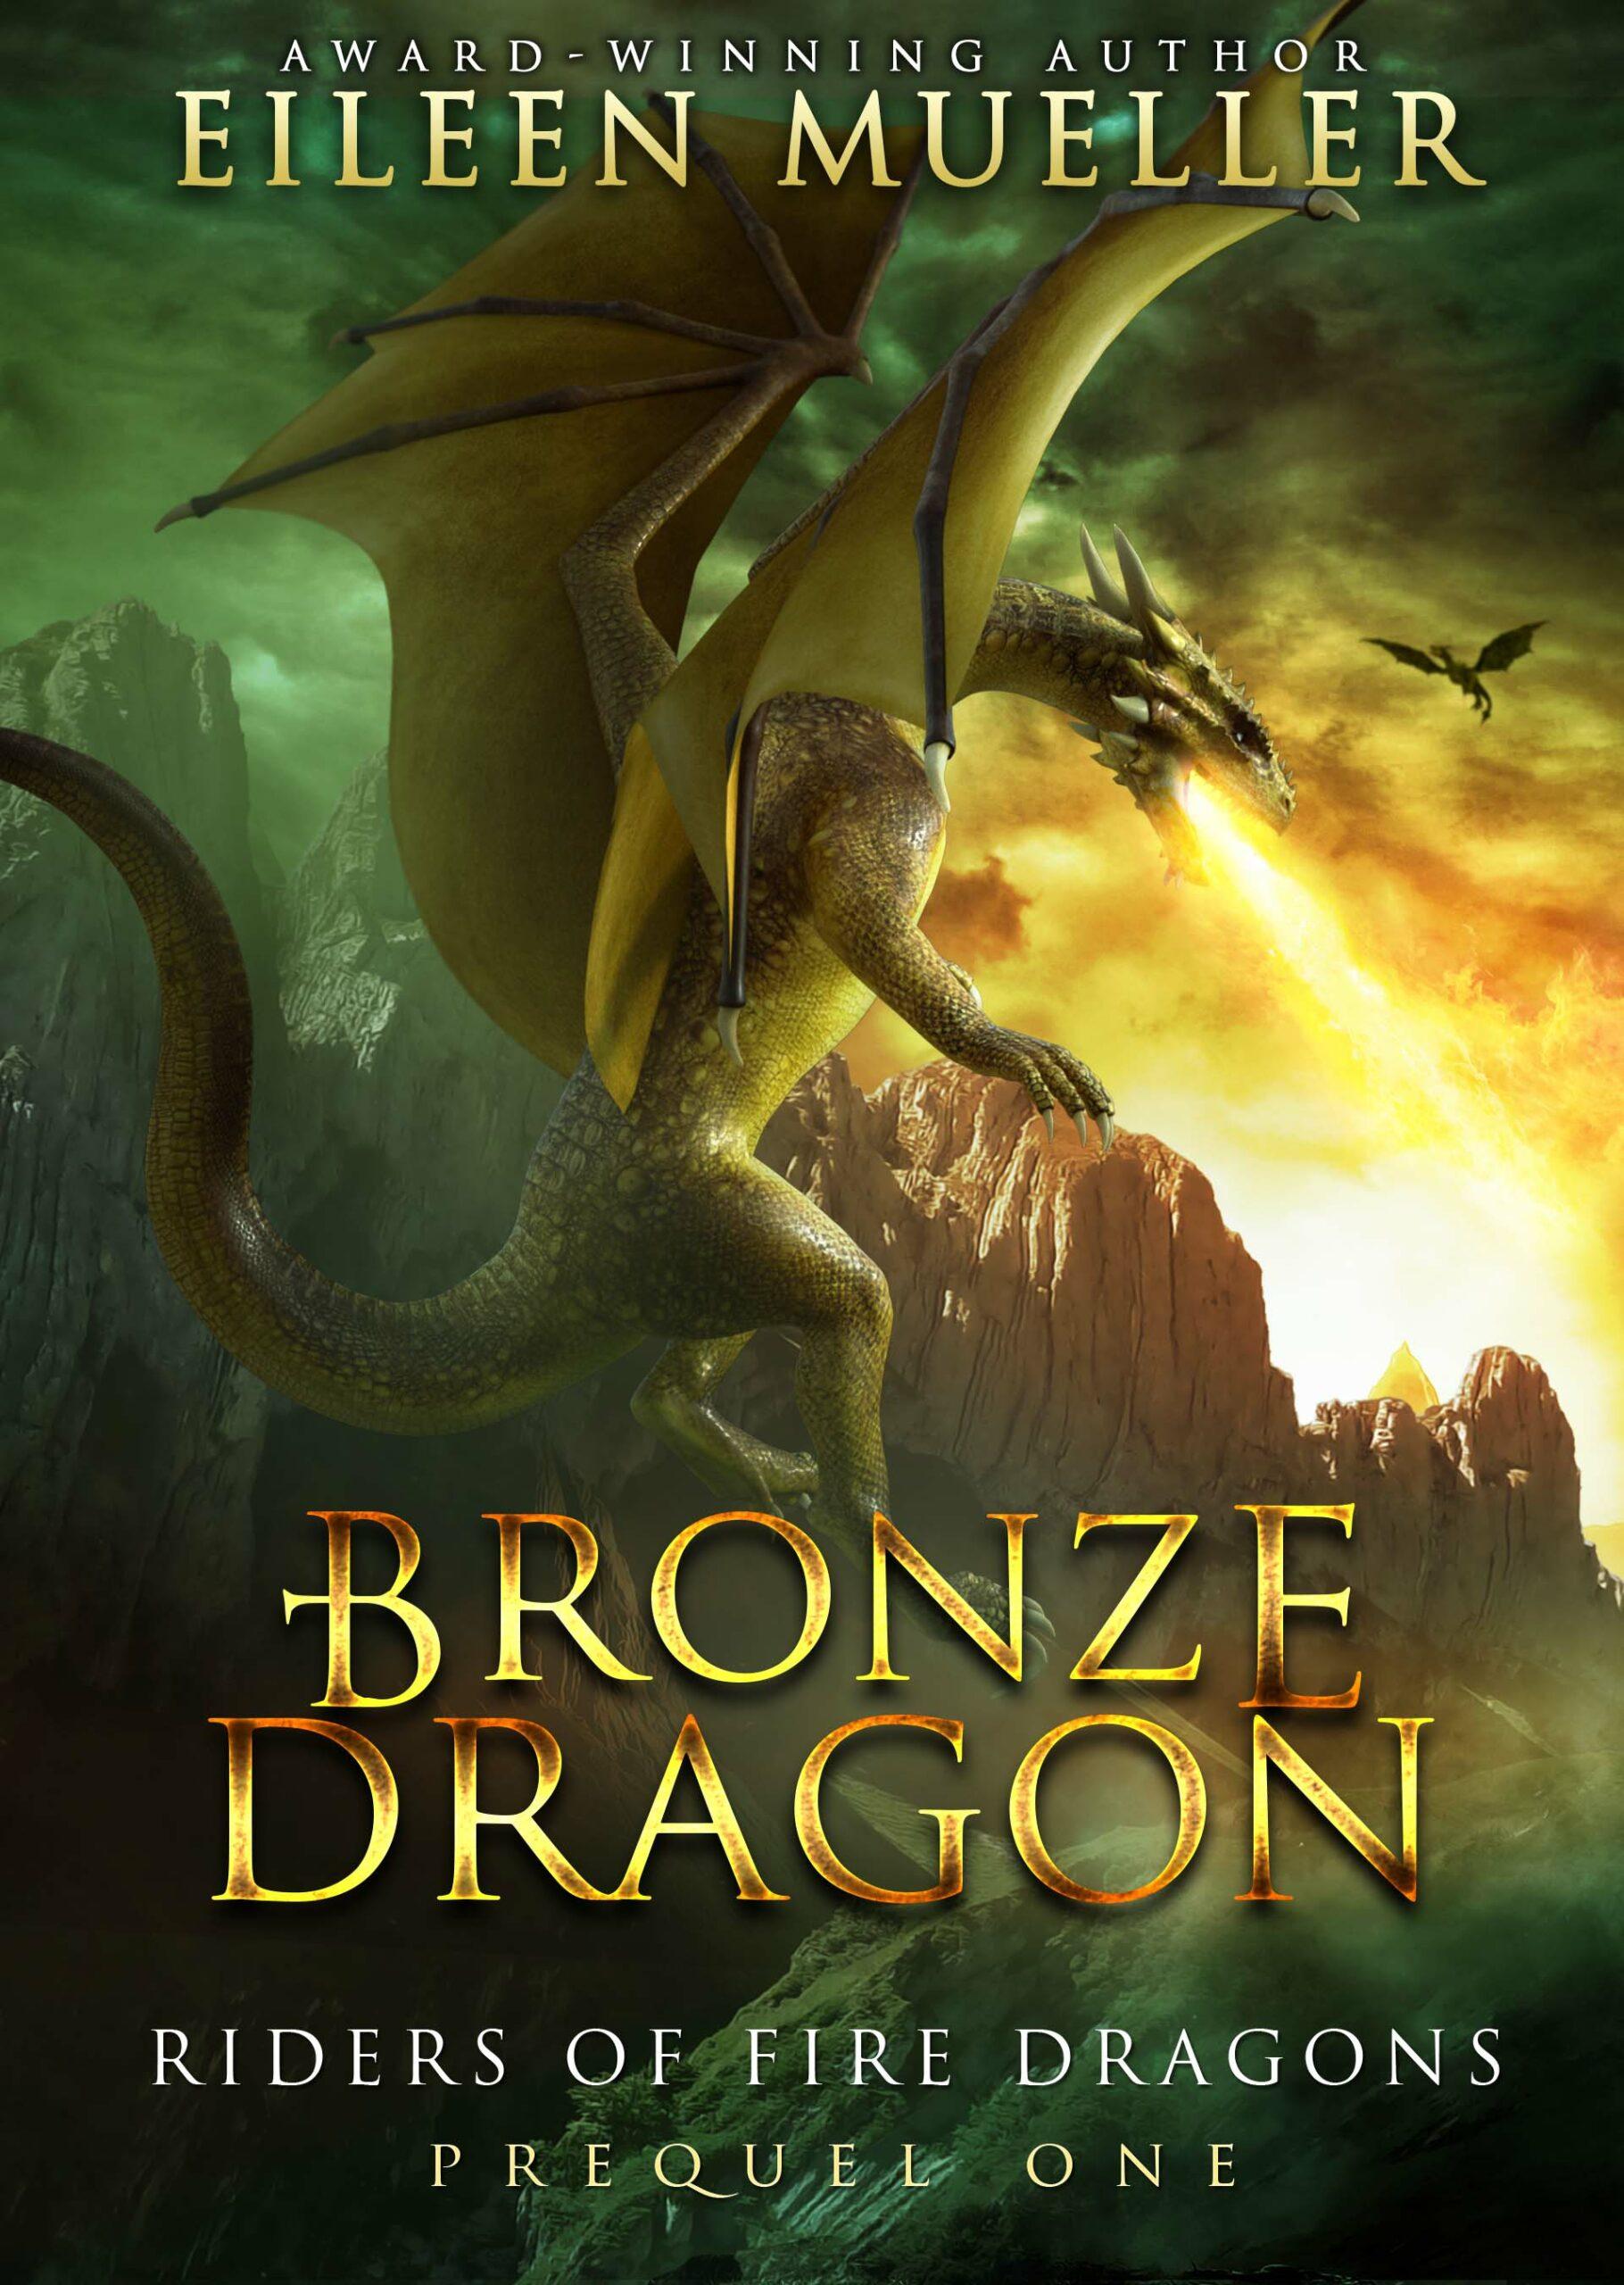 BronzeDragon-RoFD-prequel1-backmatter.jpg